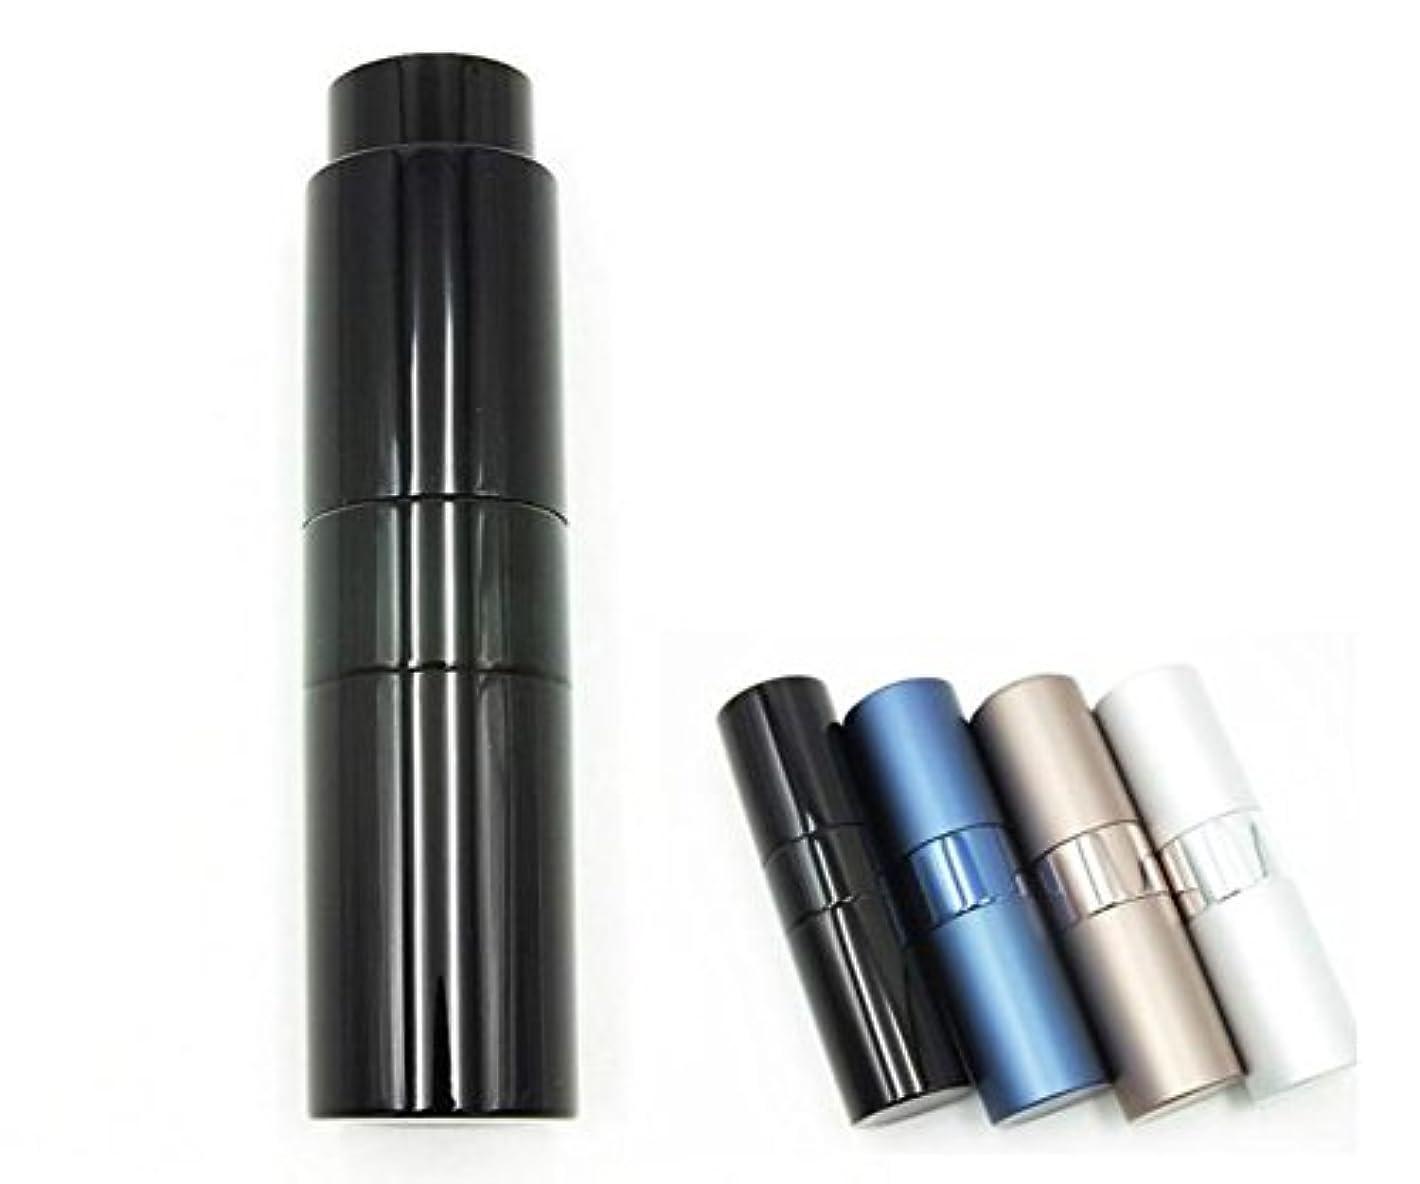 オーガニックコンプリートパーセントShopXJ 香水 メンズ アトマイザー 大人 男性 プッシュ式 詰め替え 持ち運び 身だしなみ 携帯用 15ml (ブラック)